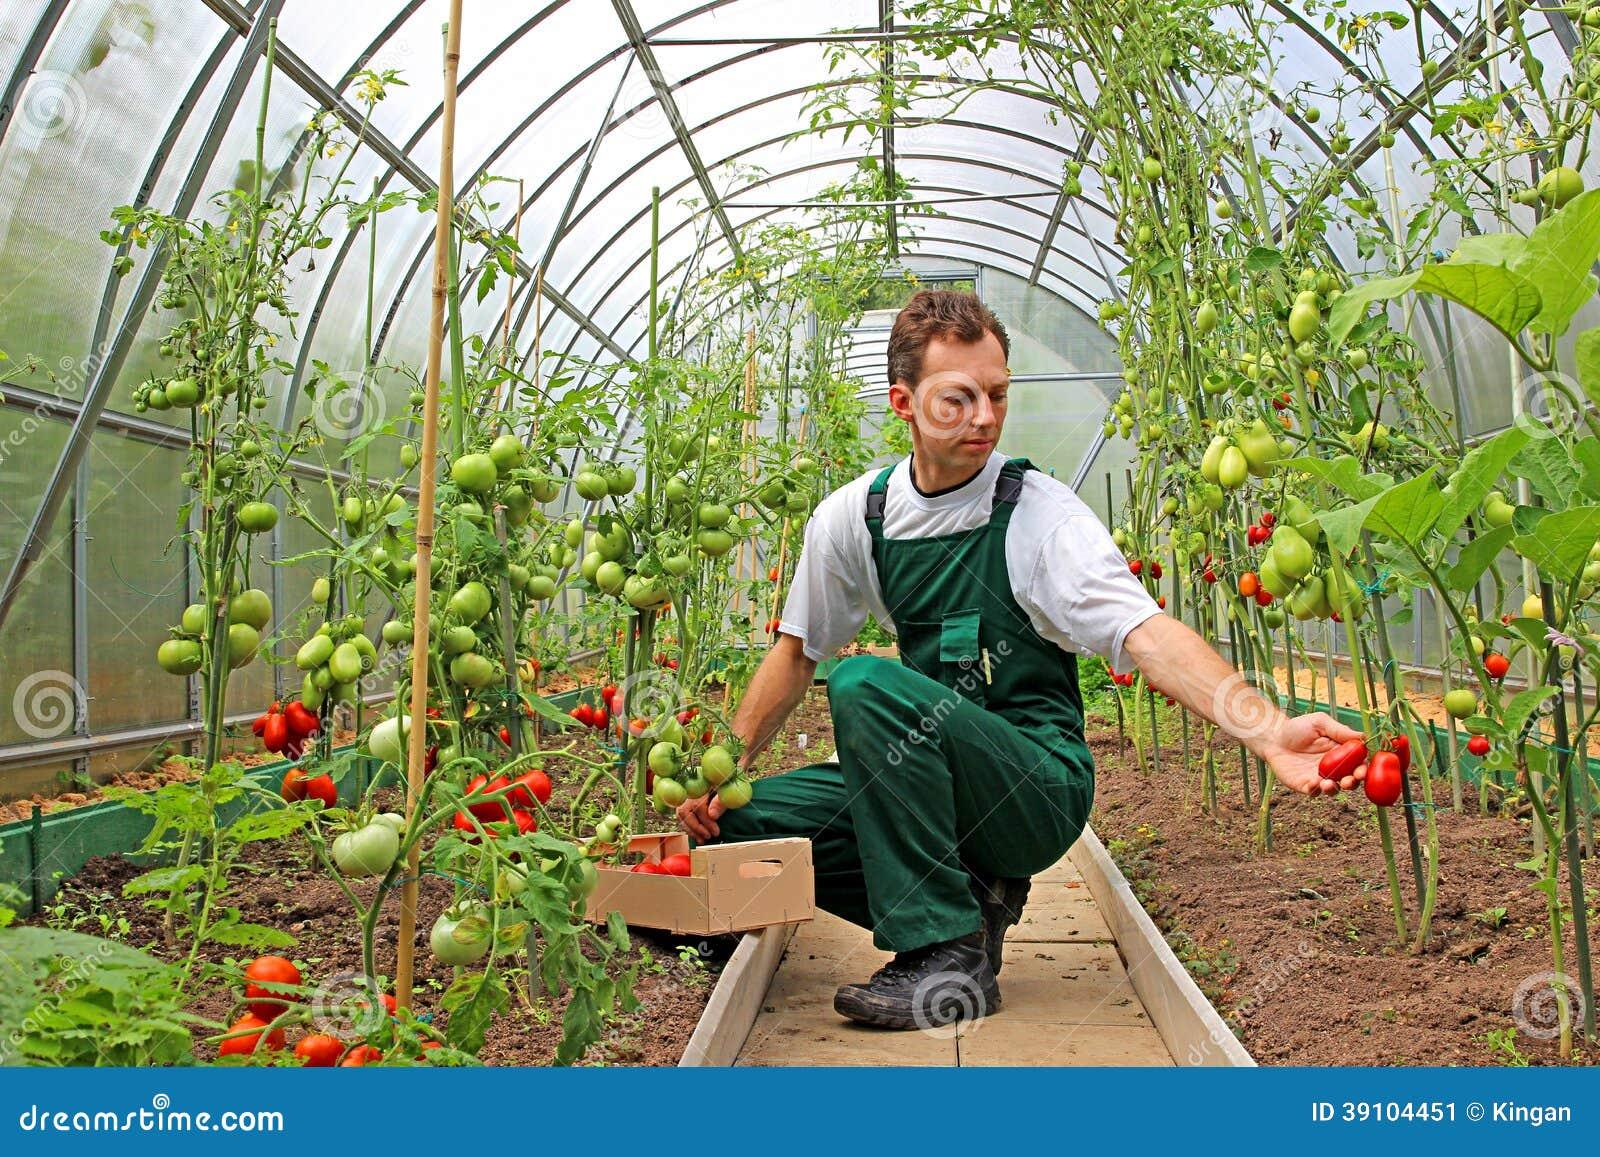 O trabalhador colhe tomates na estufa foto de stock - Foto estufa ...